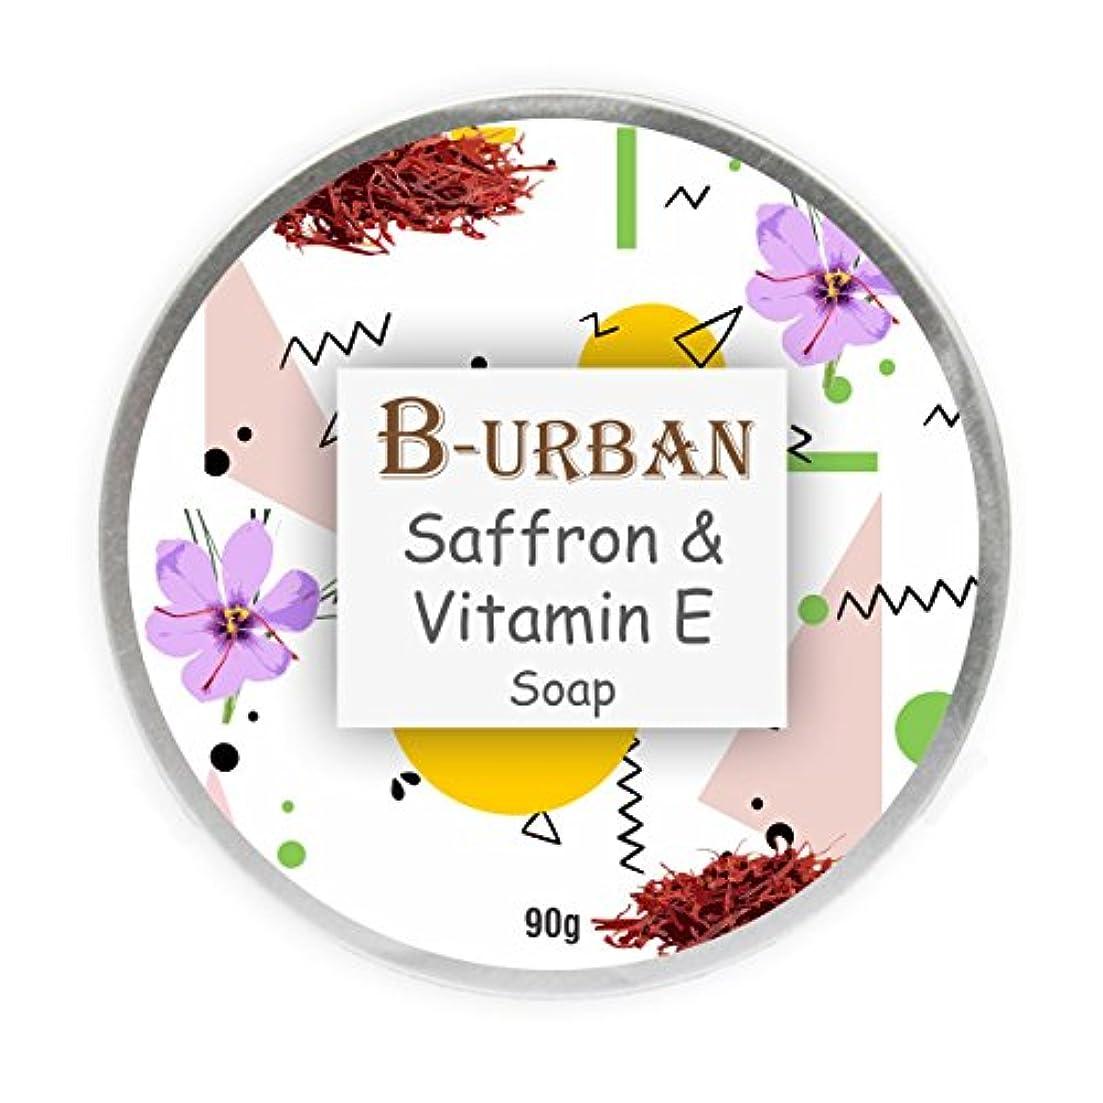 怒る経験者超高層ビルB-URBAN SAFFRON & VITAMIN E SOAP MADE WITH NATURAL AND ORGANIC INGREDIENTS. PARABEN AND SULPHATE FREE. SOAP FOR...